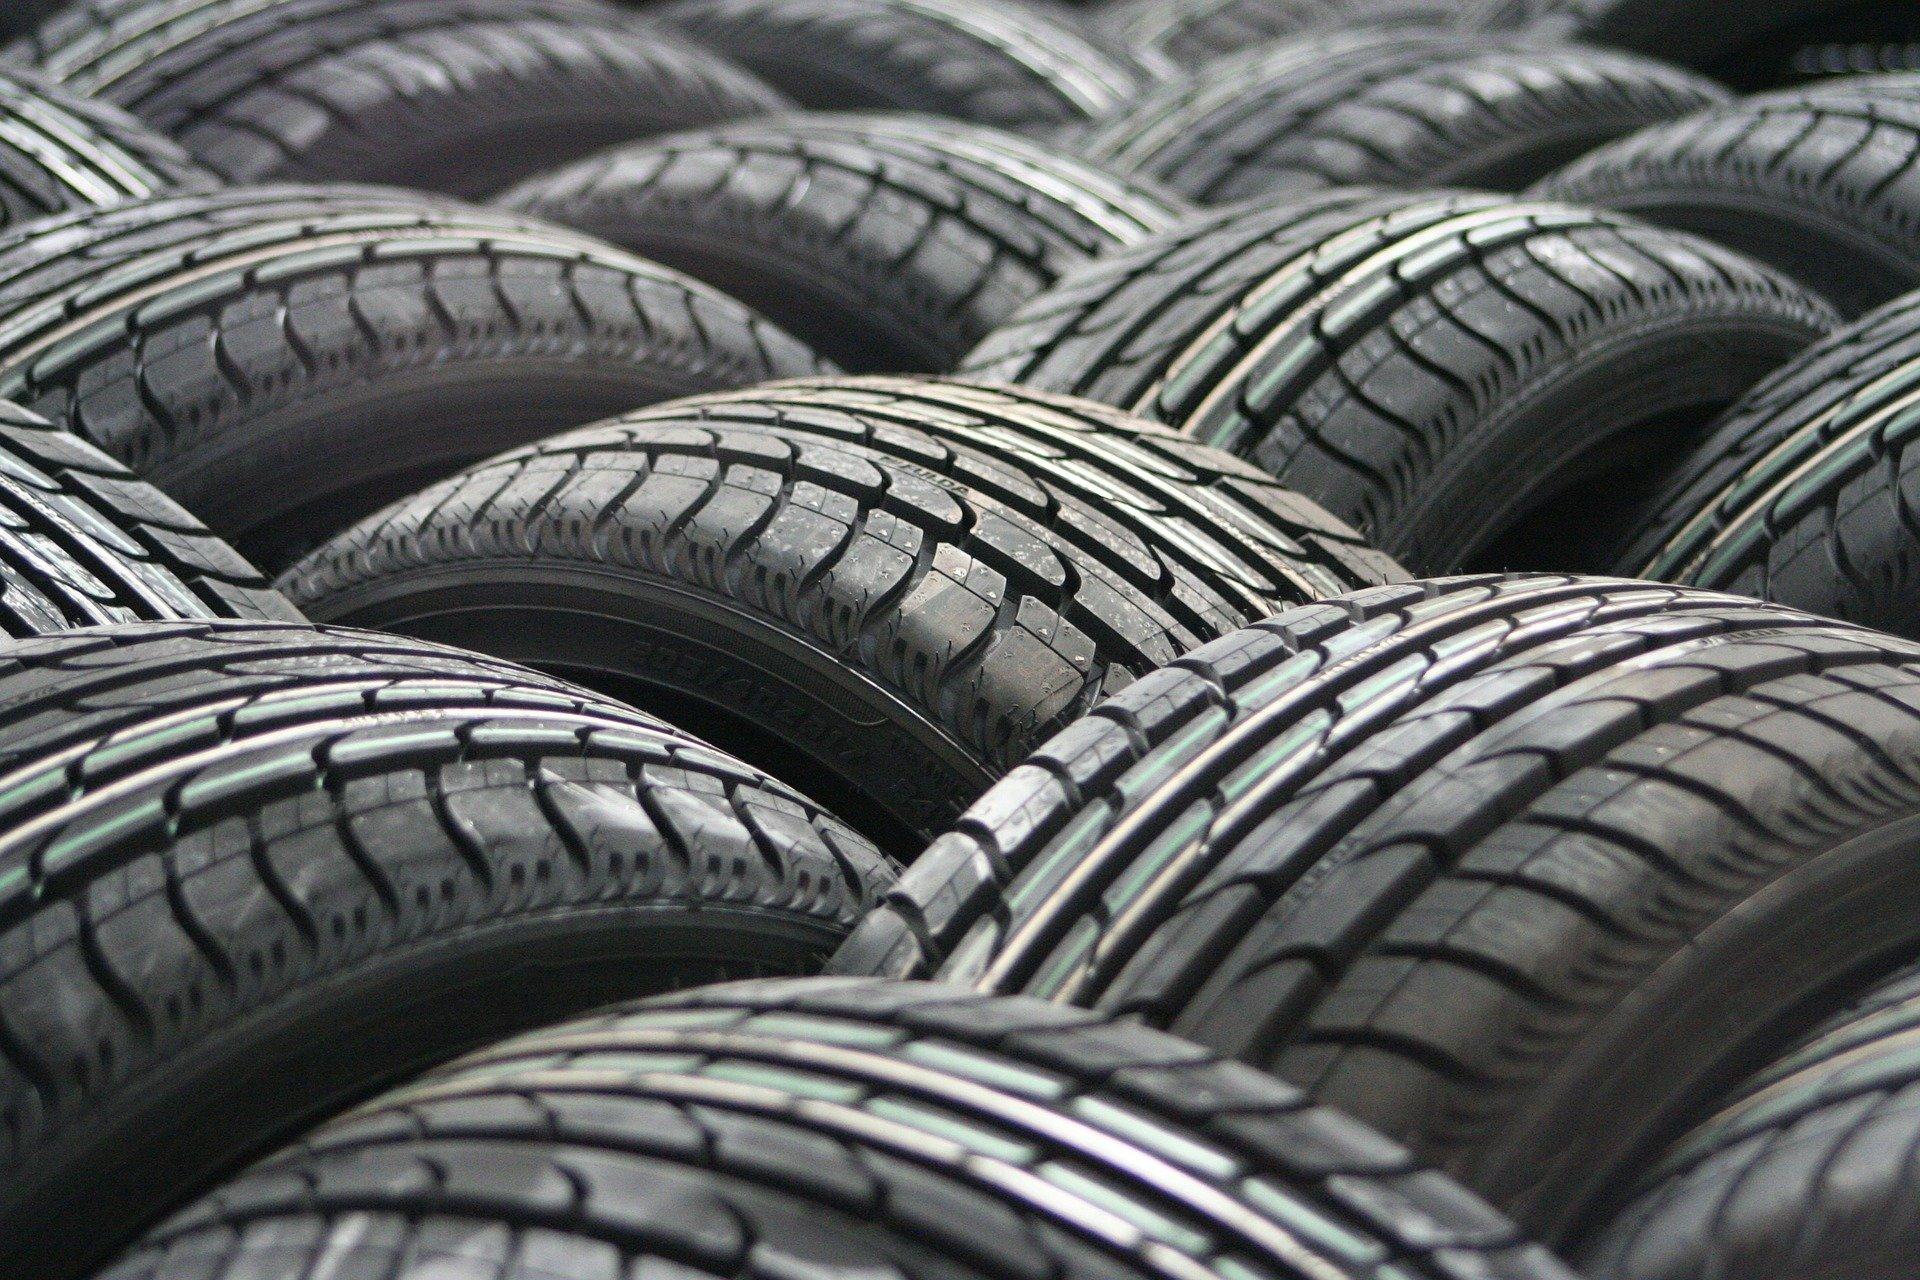 Uudet auton renkaat